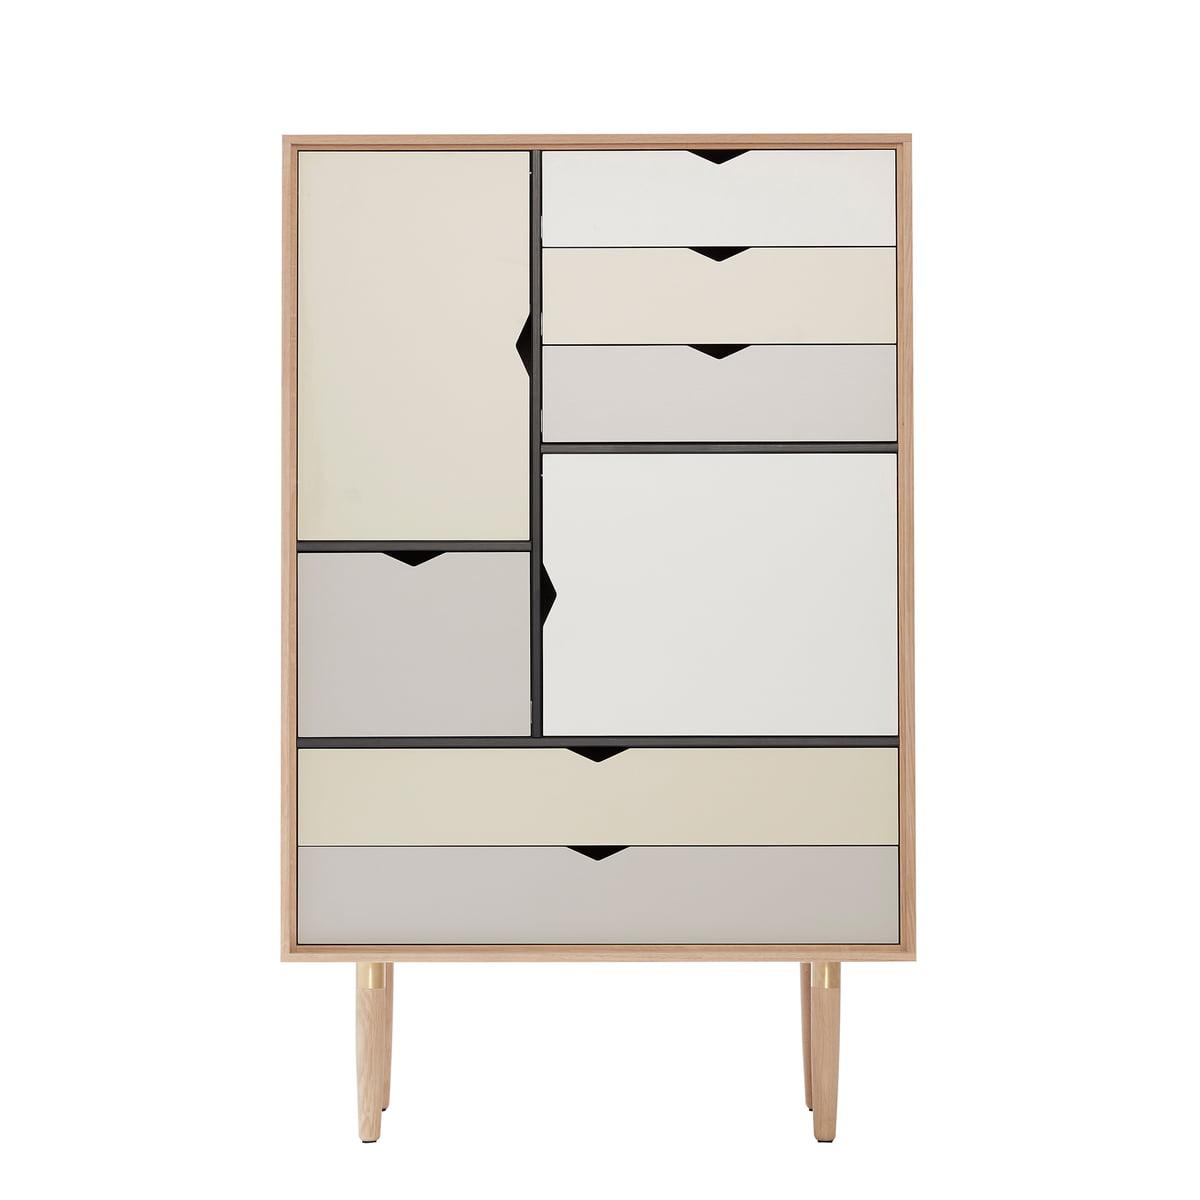 S5 Kommode Von Andersen Furniture In Eiche Geseift (Fronten Silber, Beige,  Metallgrau)